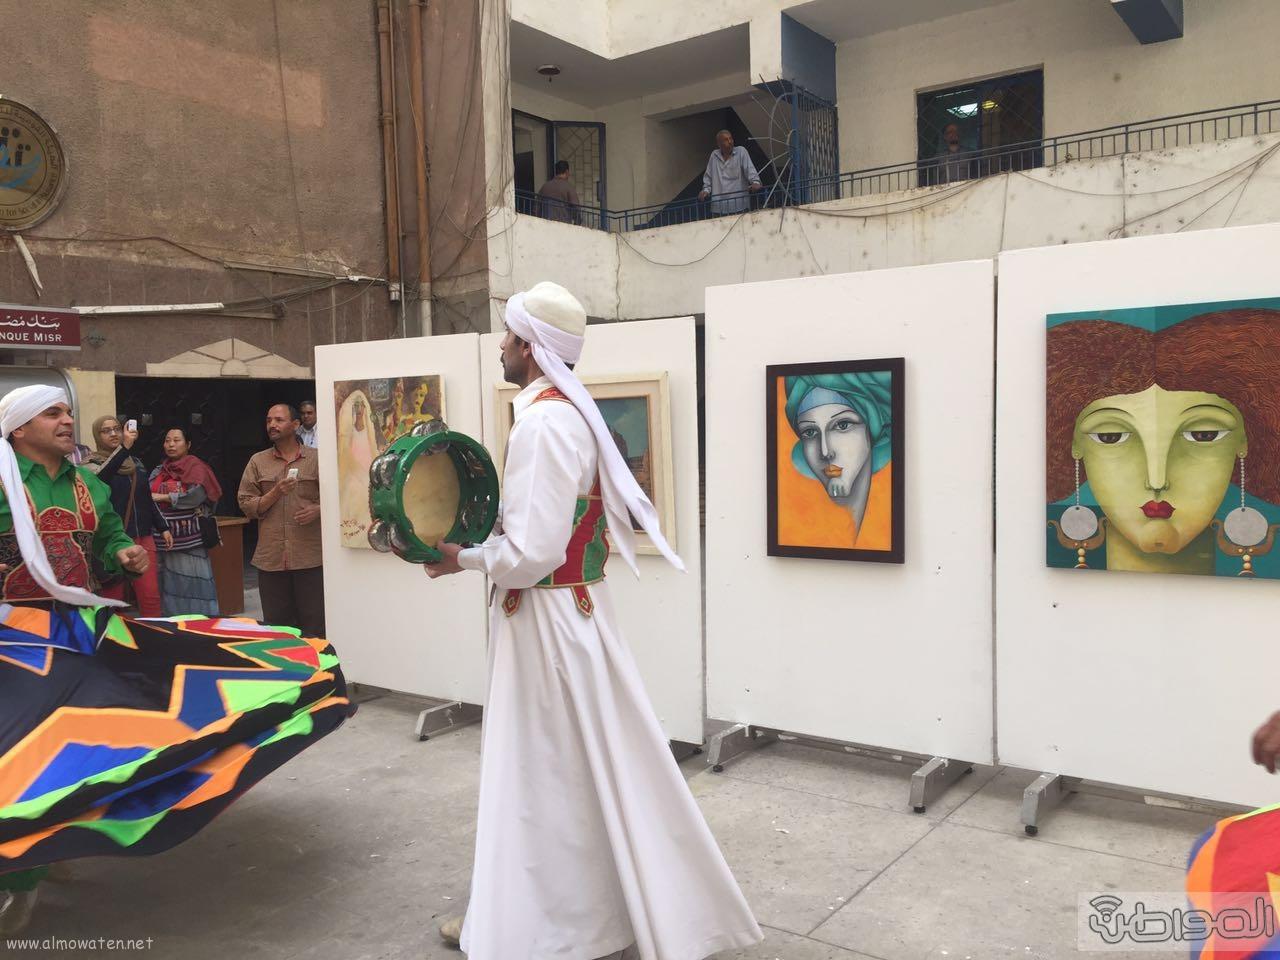 زيارة الوفد الاعلامي السعودي لقصور الثقافة بالقاهرة (8)